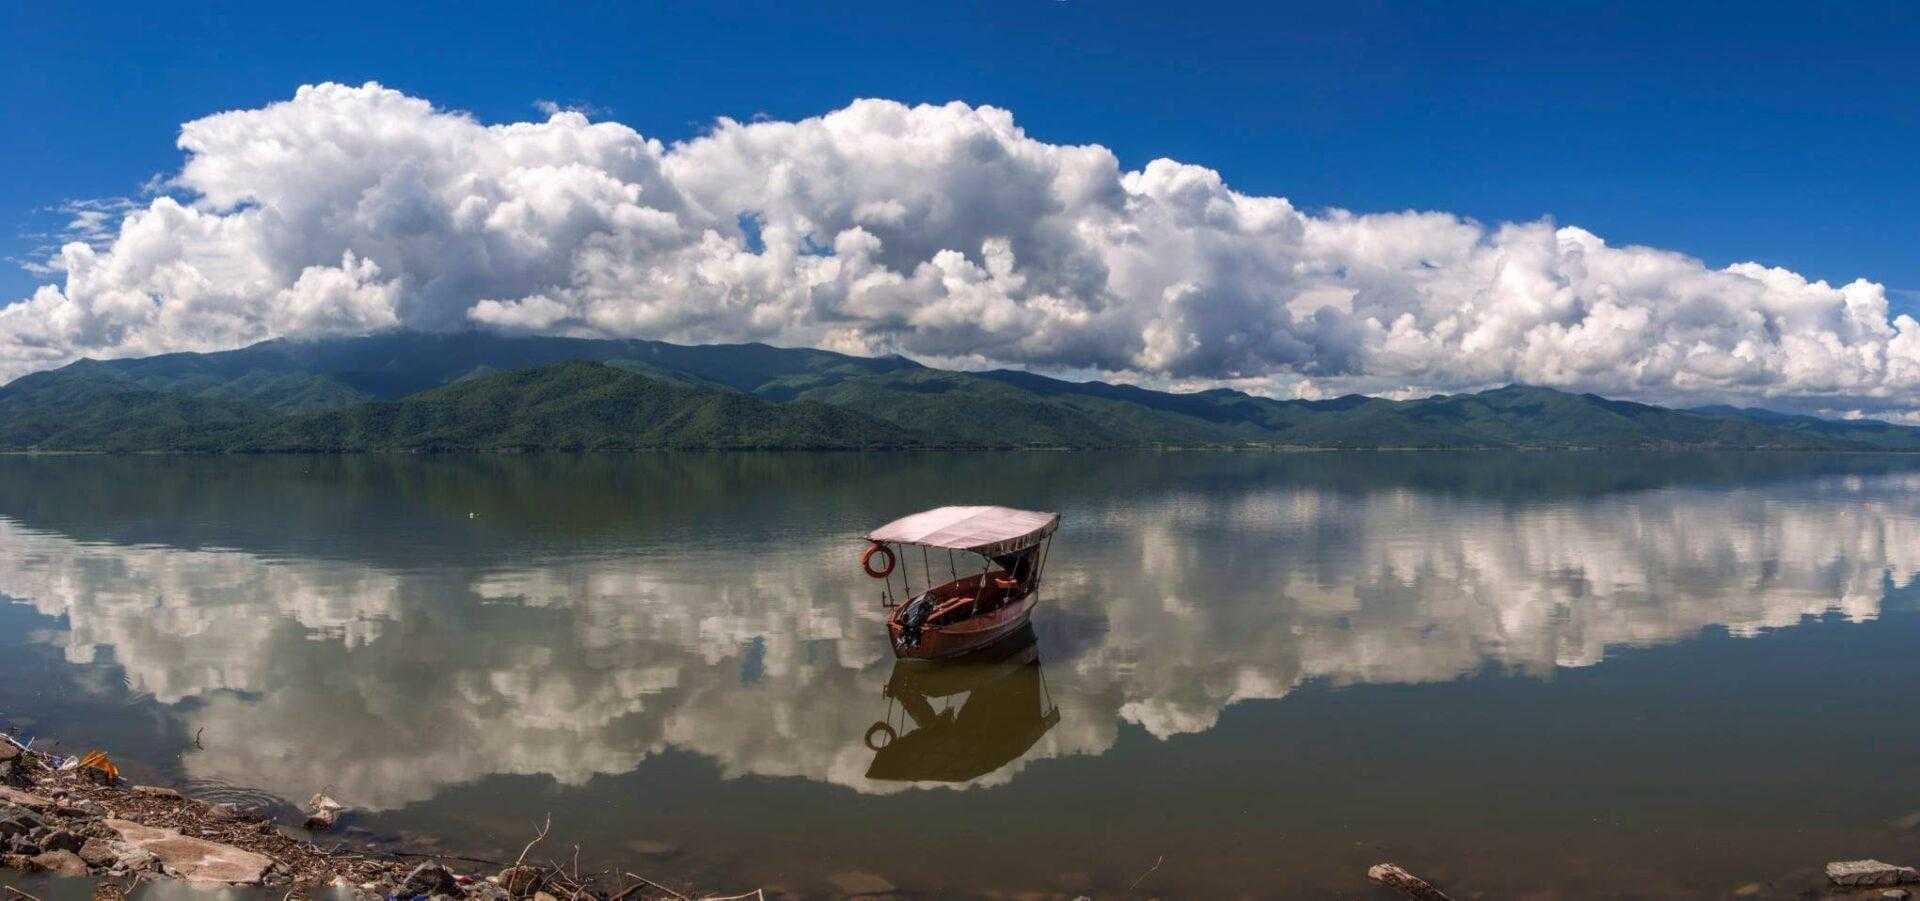 Βαρκάδα στη λίμνη με παραδοσιακές Πλάβες